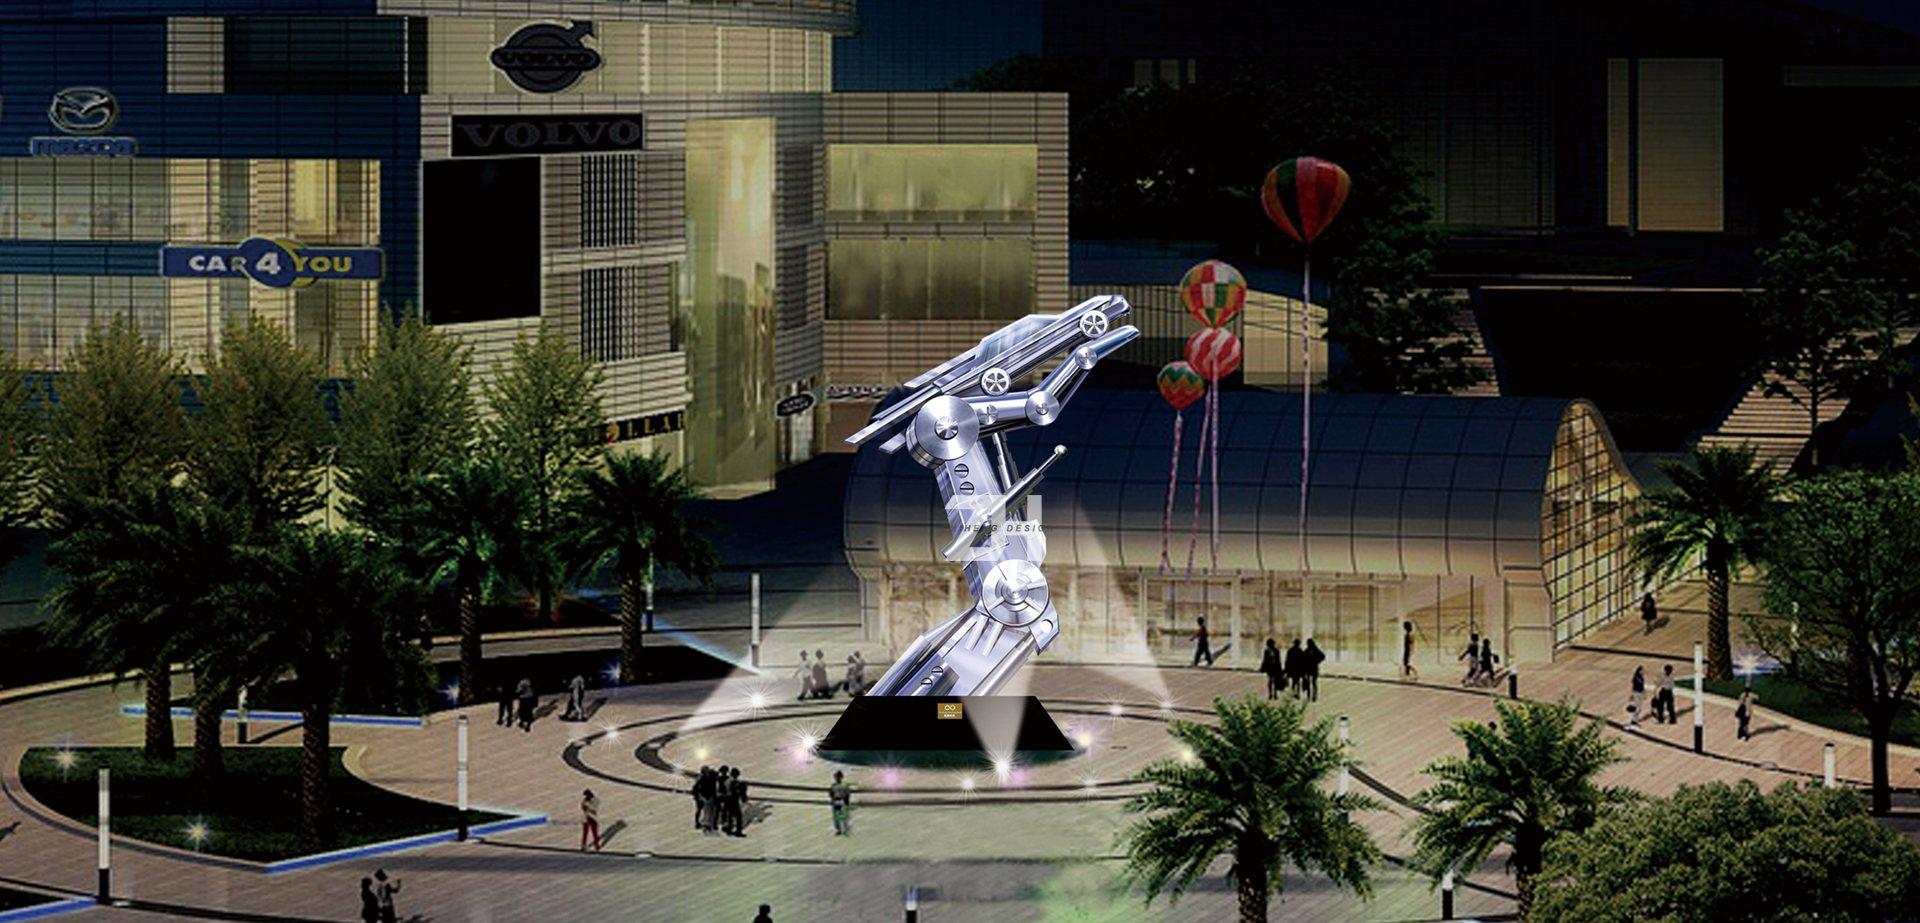 重庆雕塑制作:专业提供重庆景观雕塑、重庆CNC雕塑、重庆3D打印雕塑、重庆不锈钢雕塑、重庆铜雕塑。欢迎来电咨询。